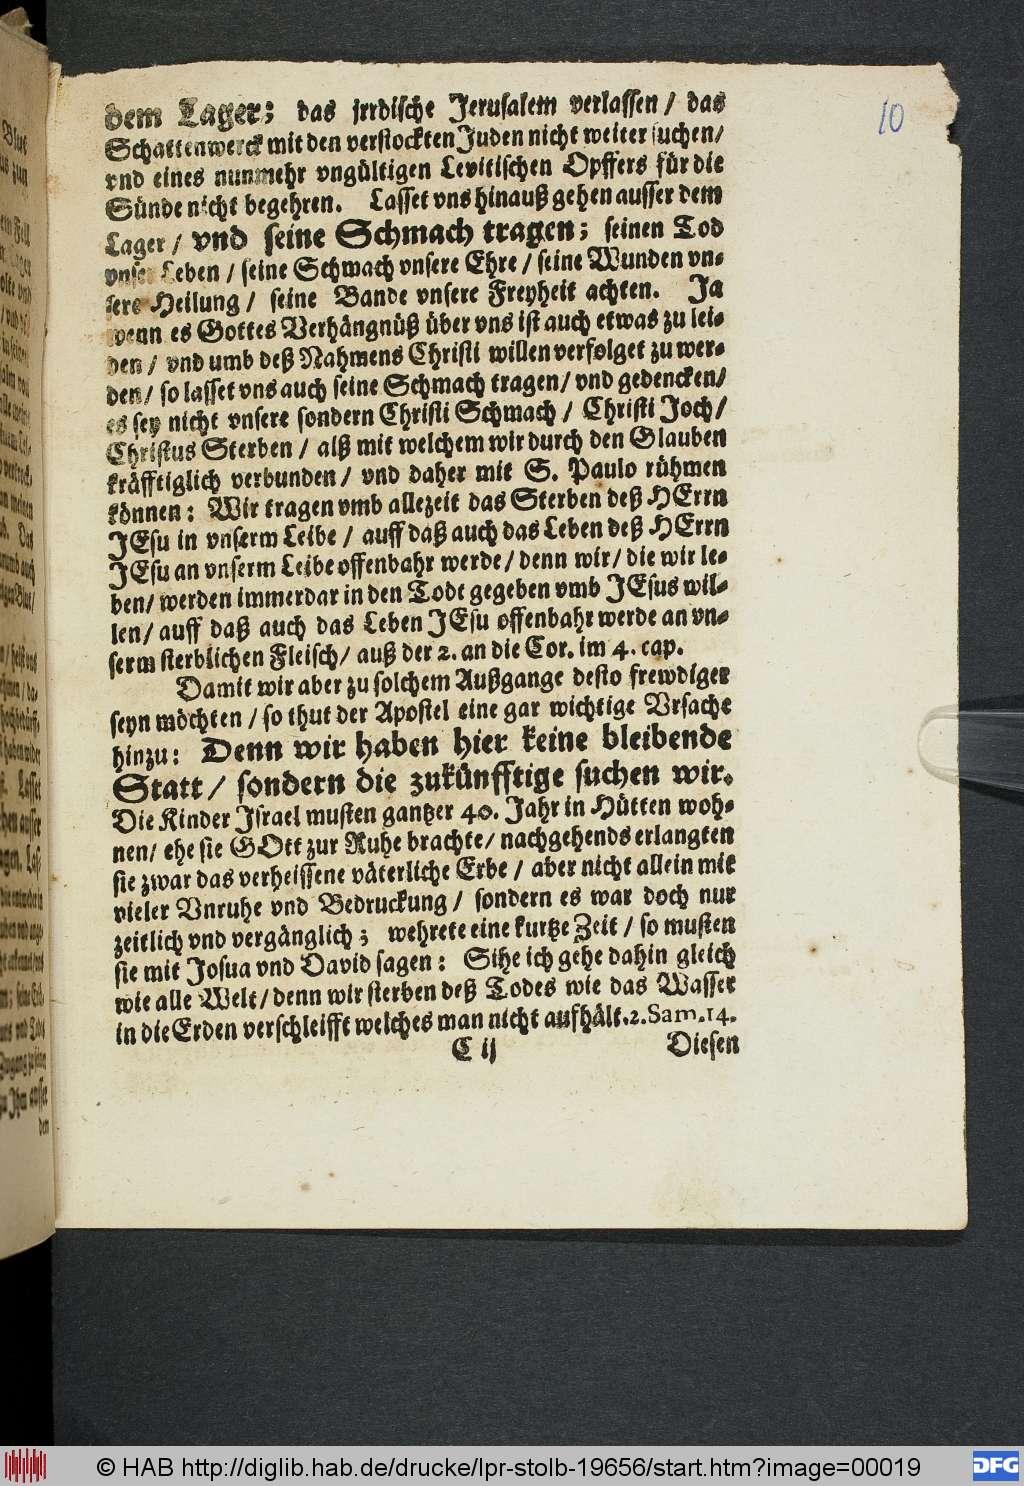 http://diglib.hab.de/drucke/lpr-stolb-19656/00019.jpg